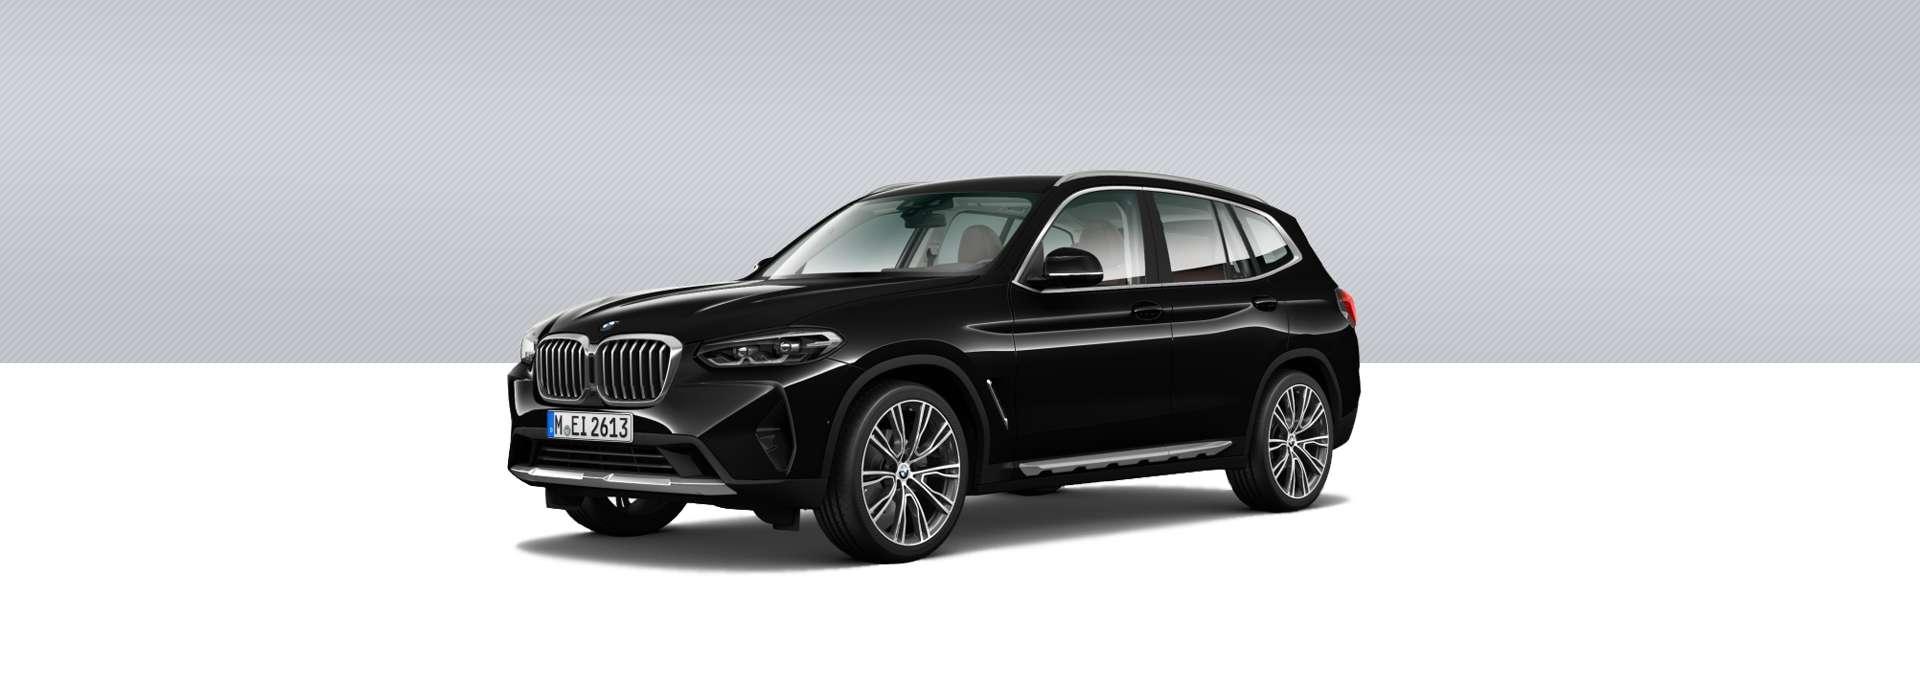 BMW Nuevo X3